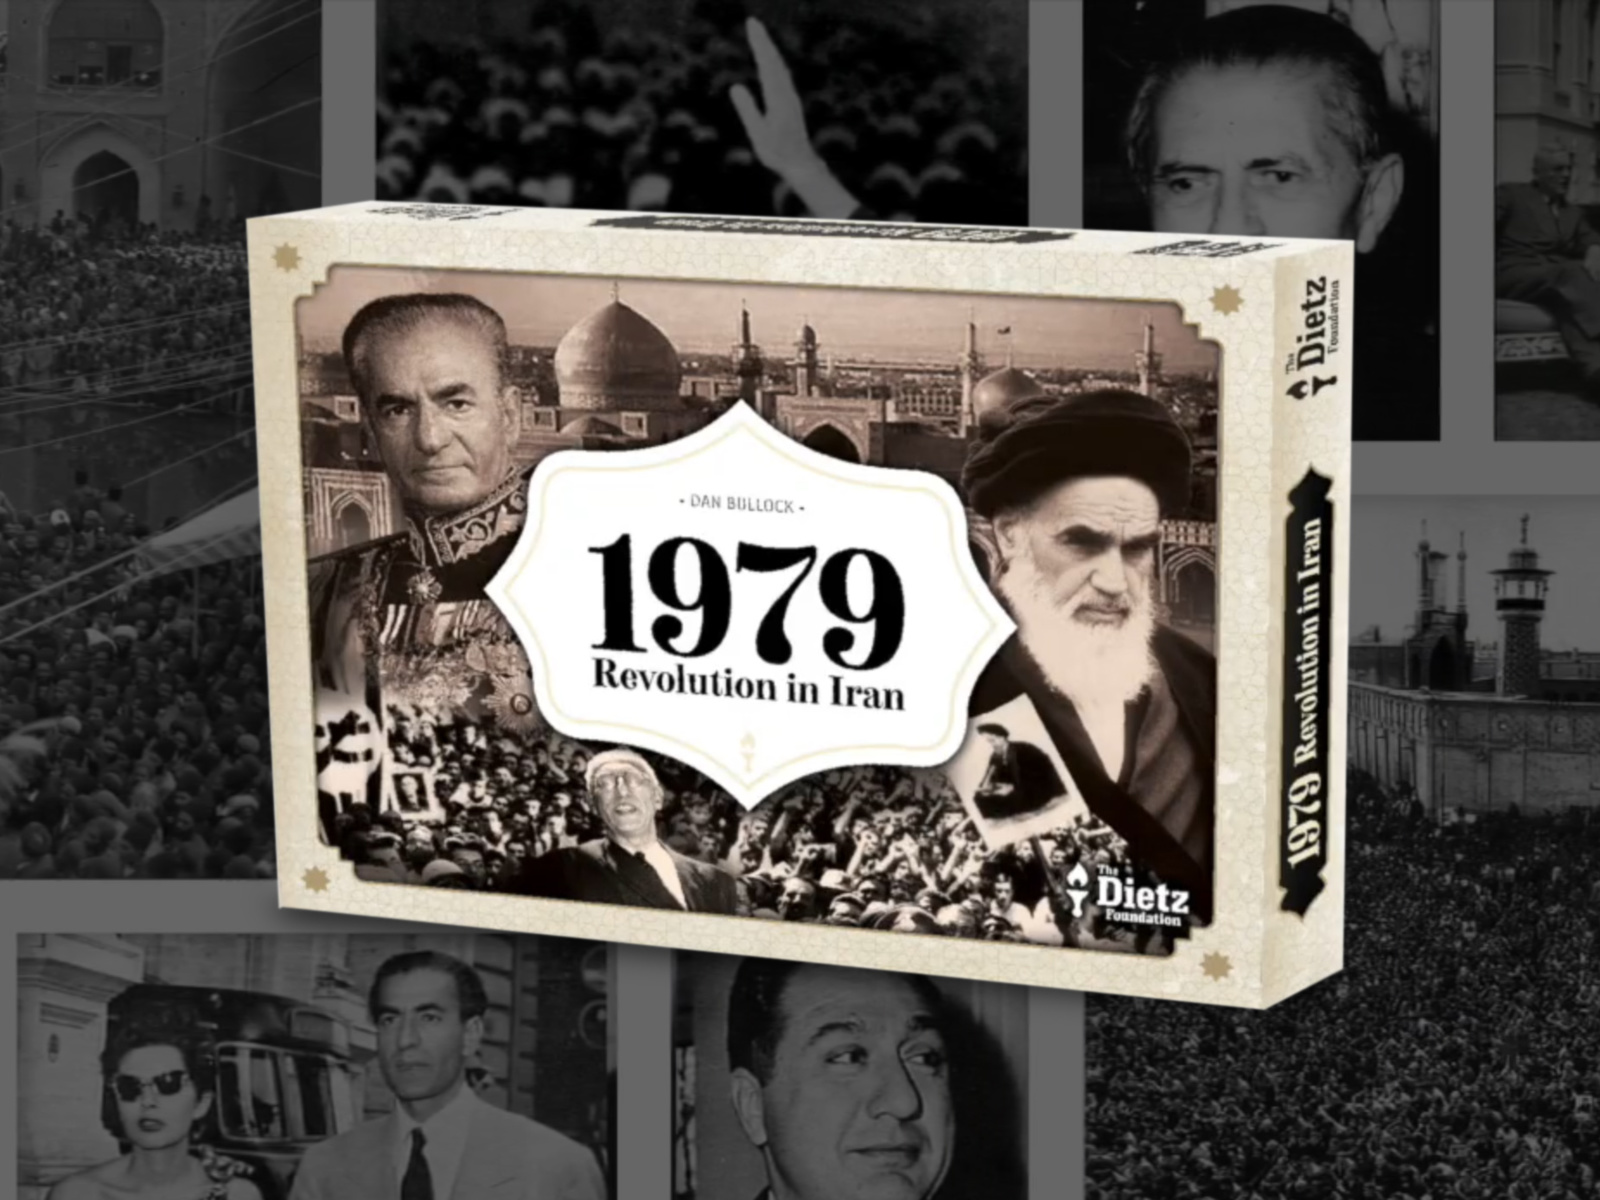 1979: Revolution in Iran, the board game